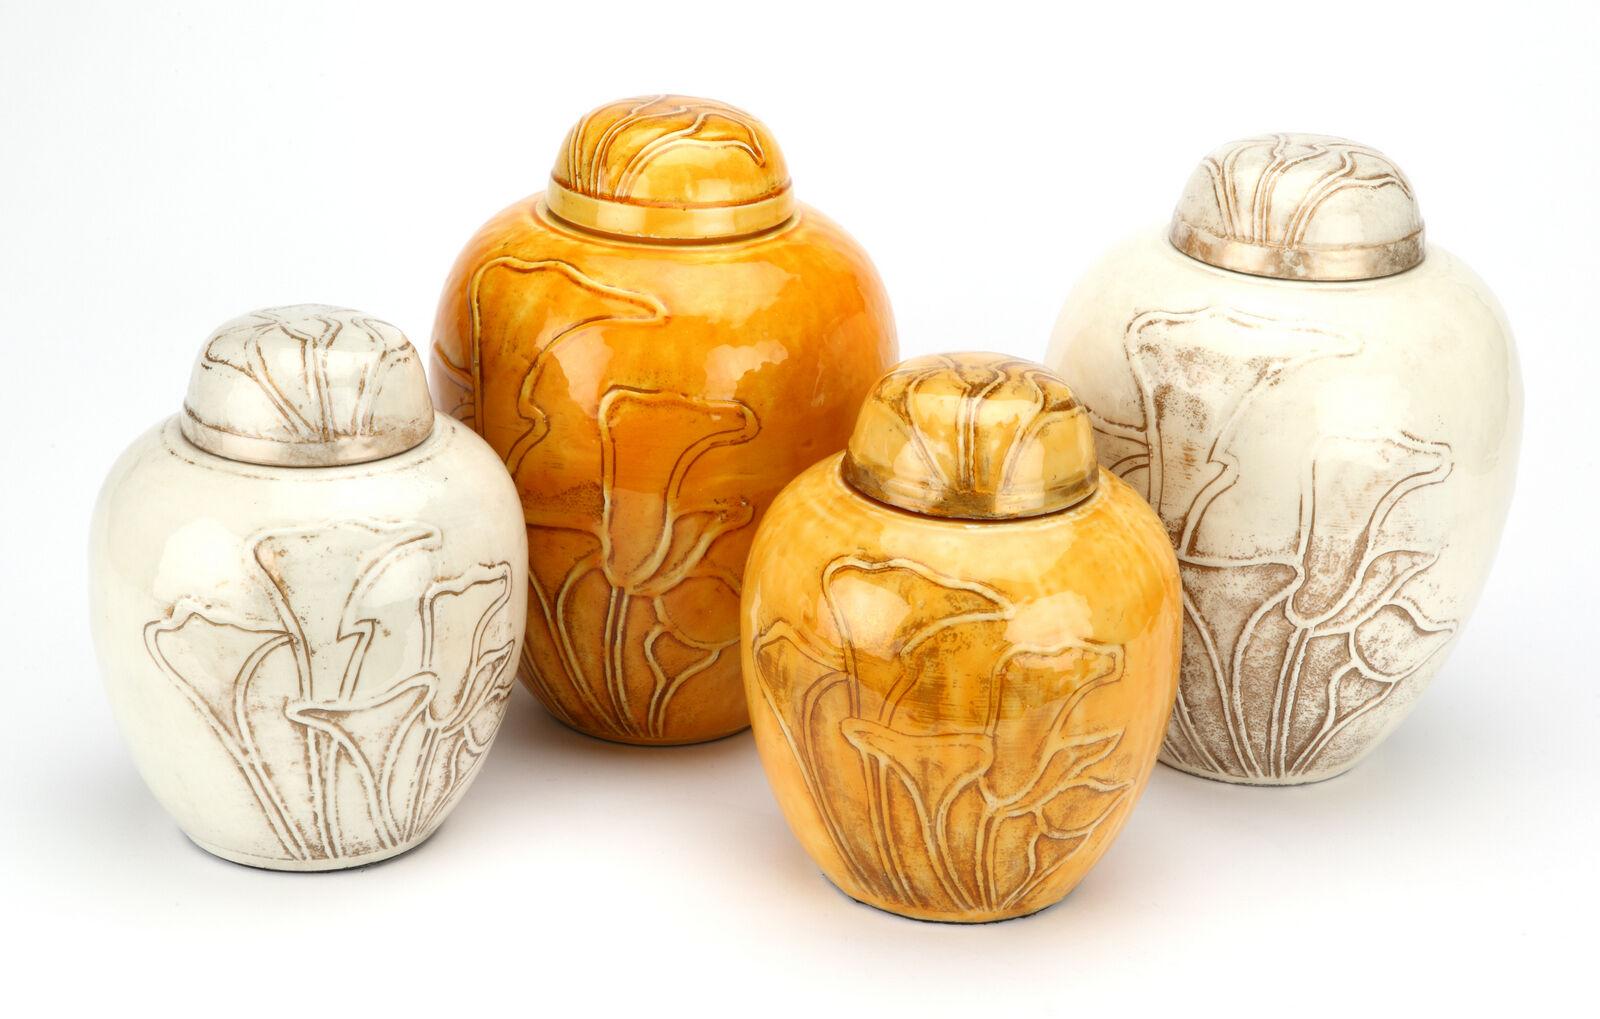 Urna Cremazione per Ceneri - Hampstead Giglio - Molti Coloreei - Speciale